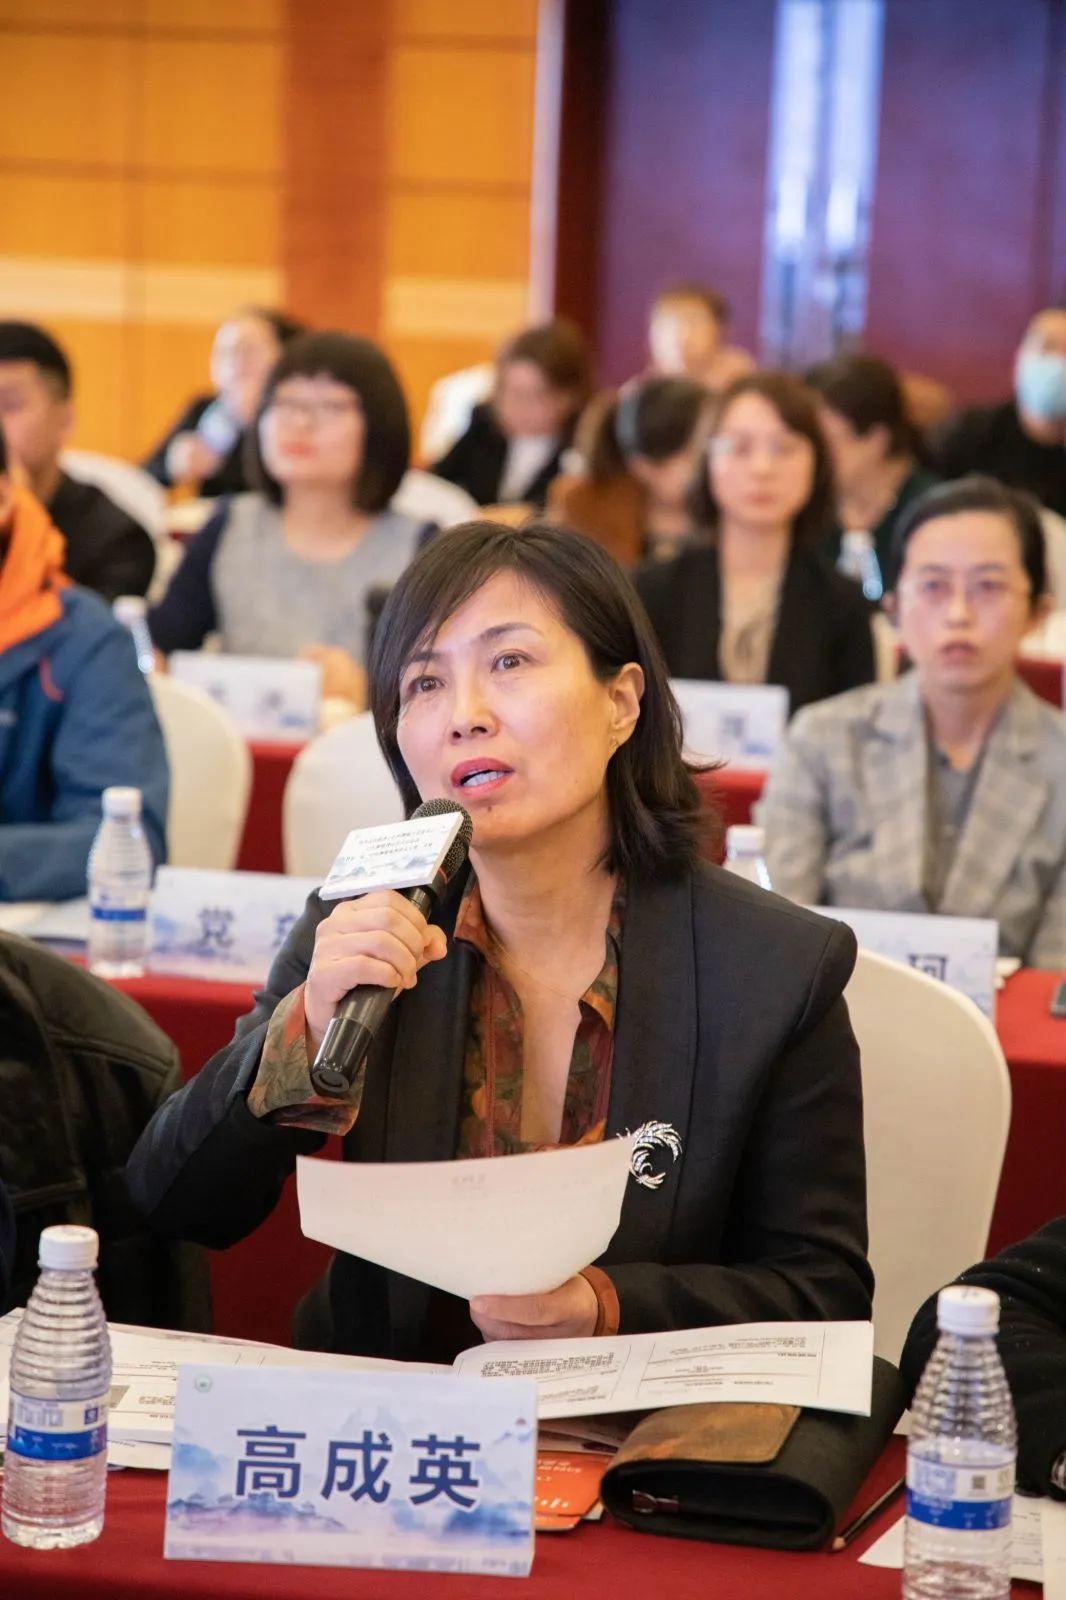 延安大学附属医院贺晶在陕西省妇科肿瘤病例风采大赛中获奖